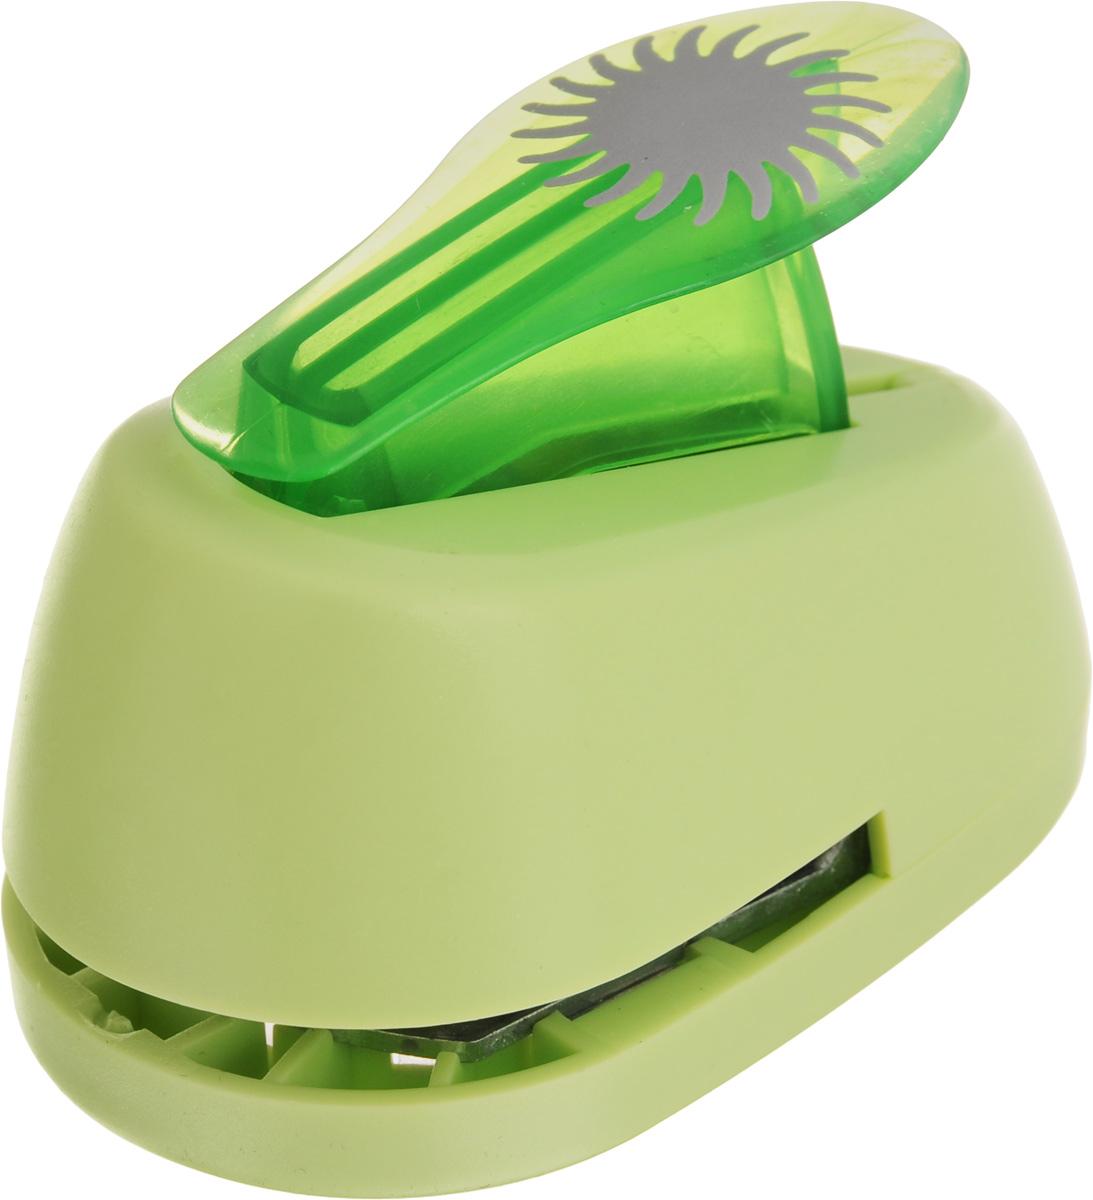 Дырокол фигурный Hobbyboom Солнце-василек, №88, цвет: салатовый, 2,5 смCD-99M-088_салатовыйДырокол фигурный Hobbyboom Солнце-василек, выполненный из прочного пластика и металла, используется в скрапбукинге для украшения открыток, карточек, коробочек и многого другого. Применяется для прорезания фигурных отверстий в бумаге. Вырезанный элемент также можно использовать для украшения. При применении на бумаге большей плотности или на картоне дырокол быстро затупится. Чтобы заточить нож компостера, нужно прокомпостировать самую тонкую наждачку. Предназначен для бумаги плотностью от 80 до 200 г/м2. Размер дырокола: 8 х 5 х 5,5 см. Размер готовой фигурки: 2,5 х 2,5 см.